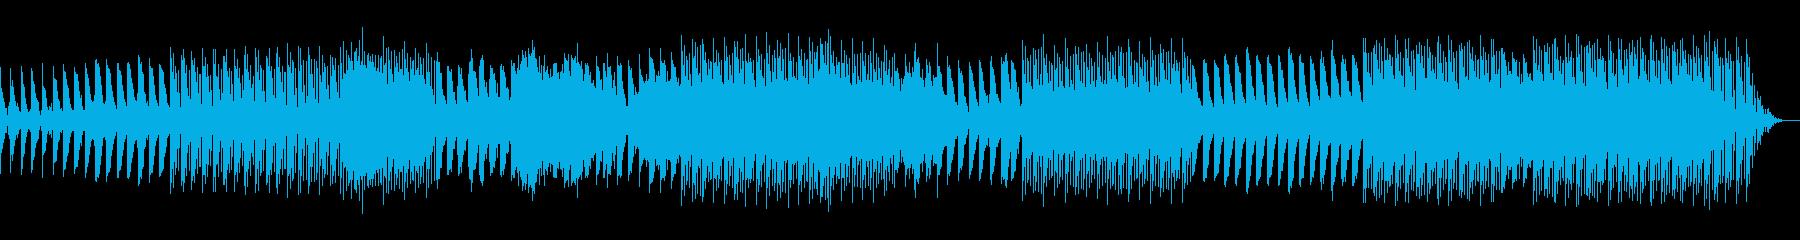 House 80s Classicの再生済みの波形